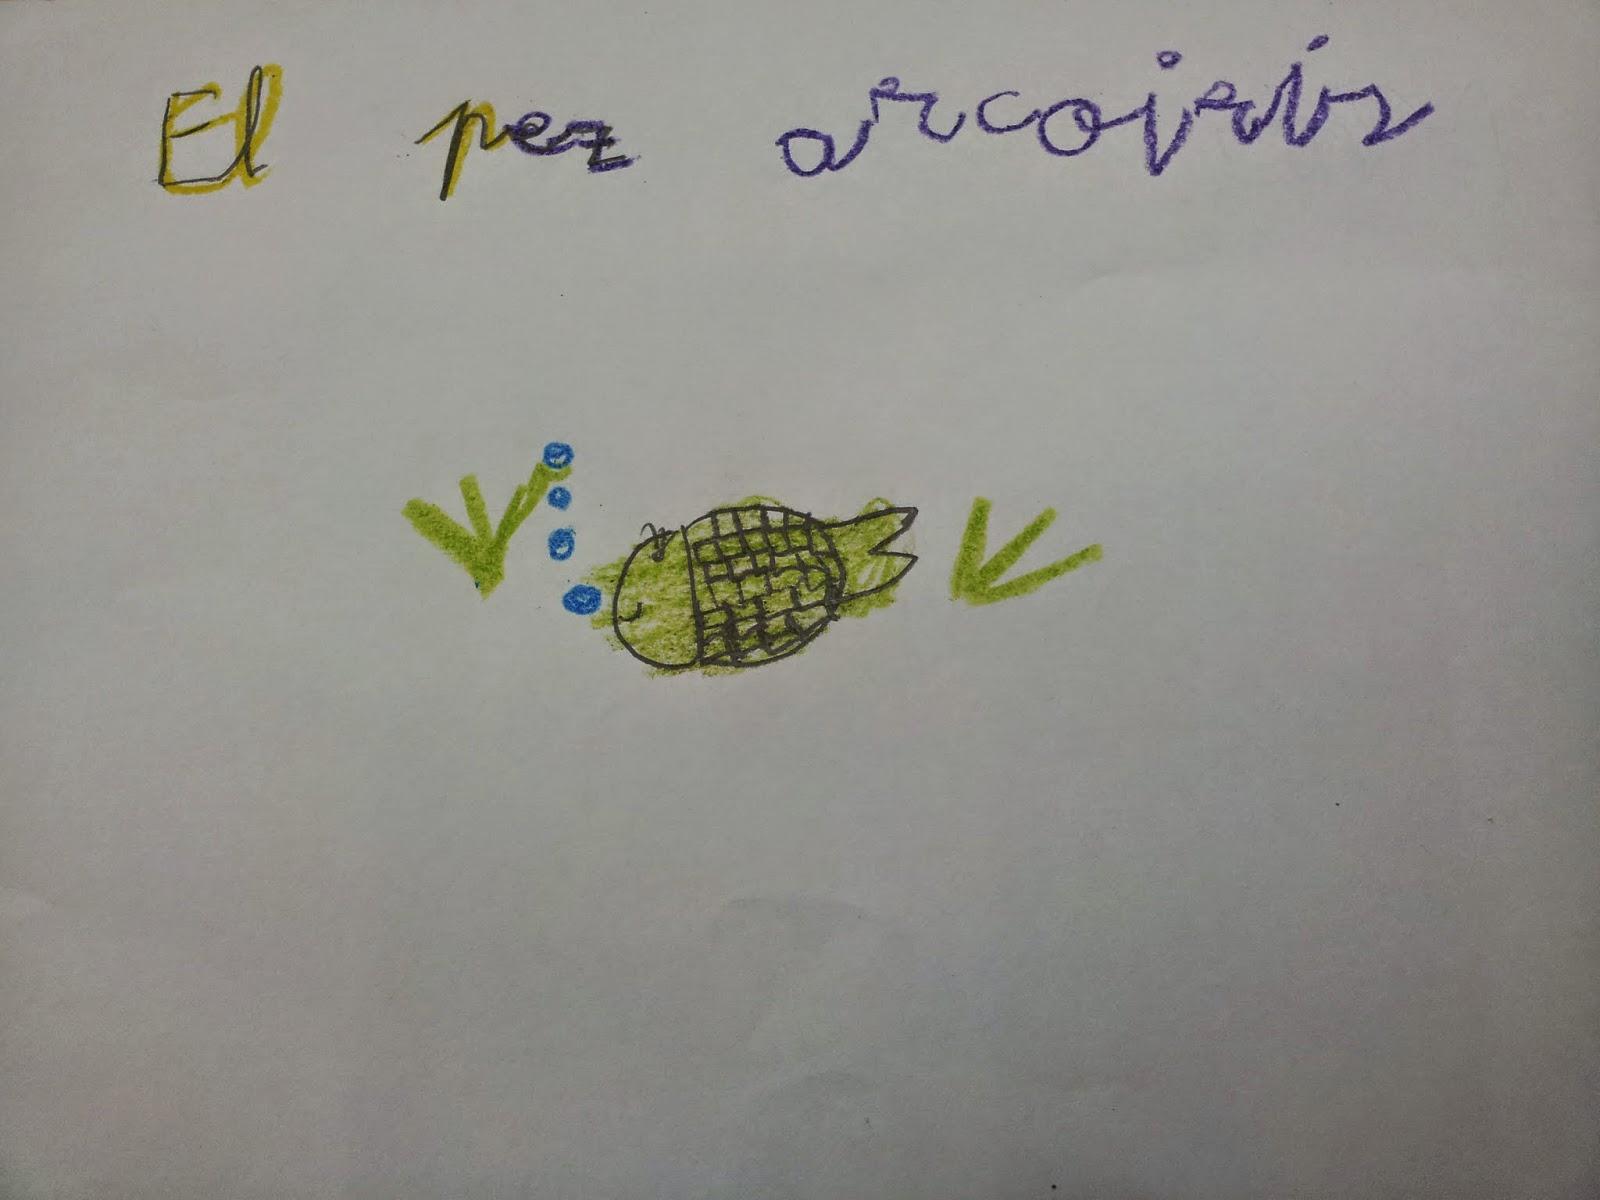 Trabajando en Educación Infantil: El pez arcoiris